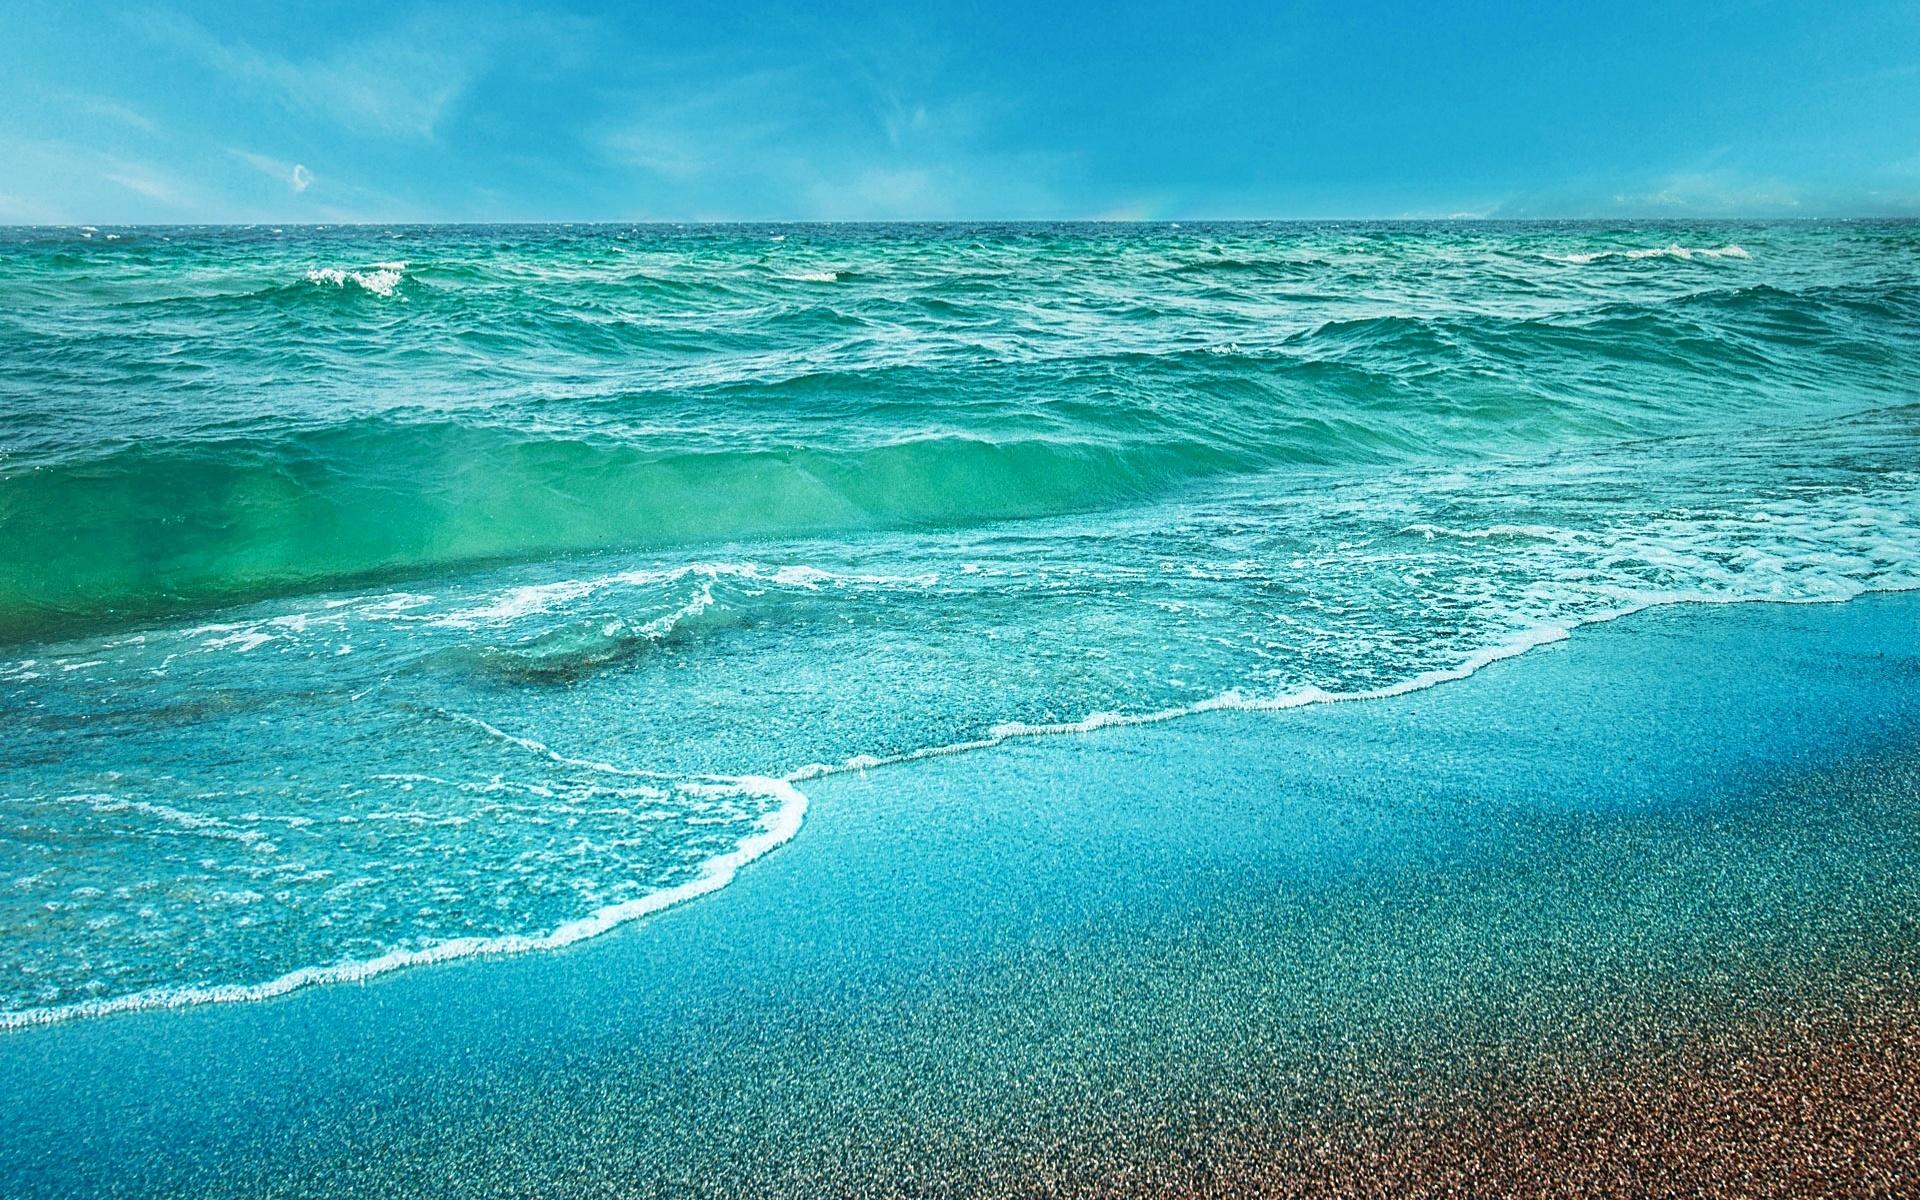 теплицу картинки на телефон цвета морской волны вновь легли снега